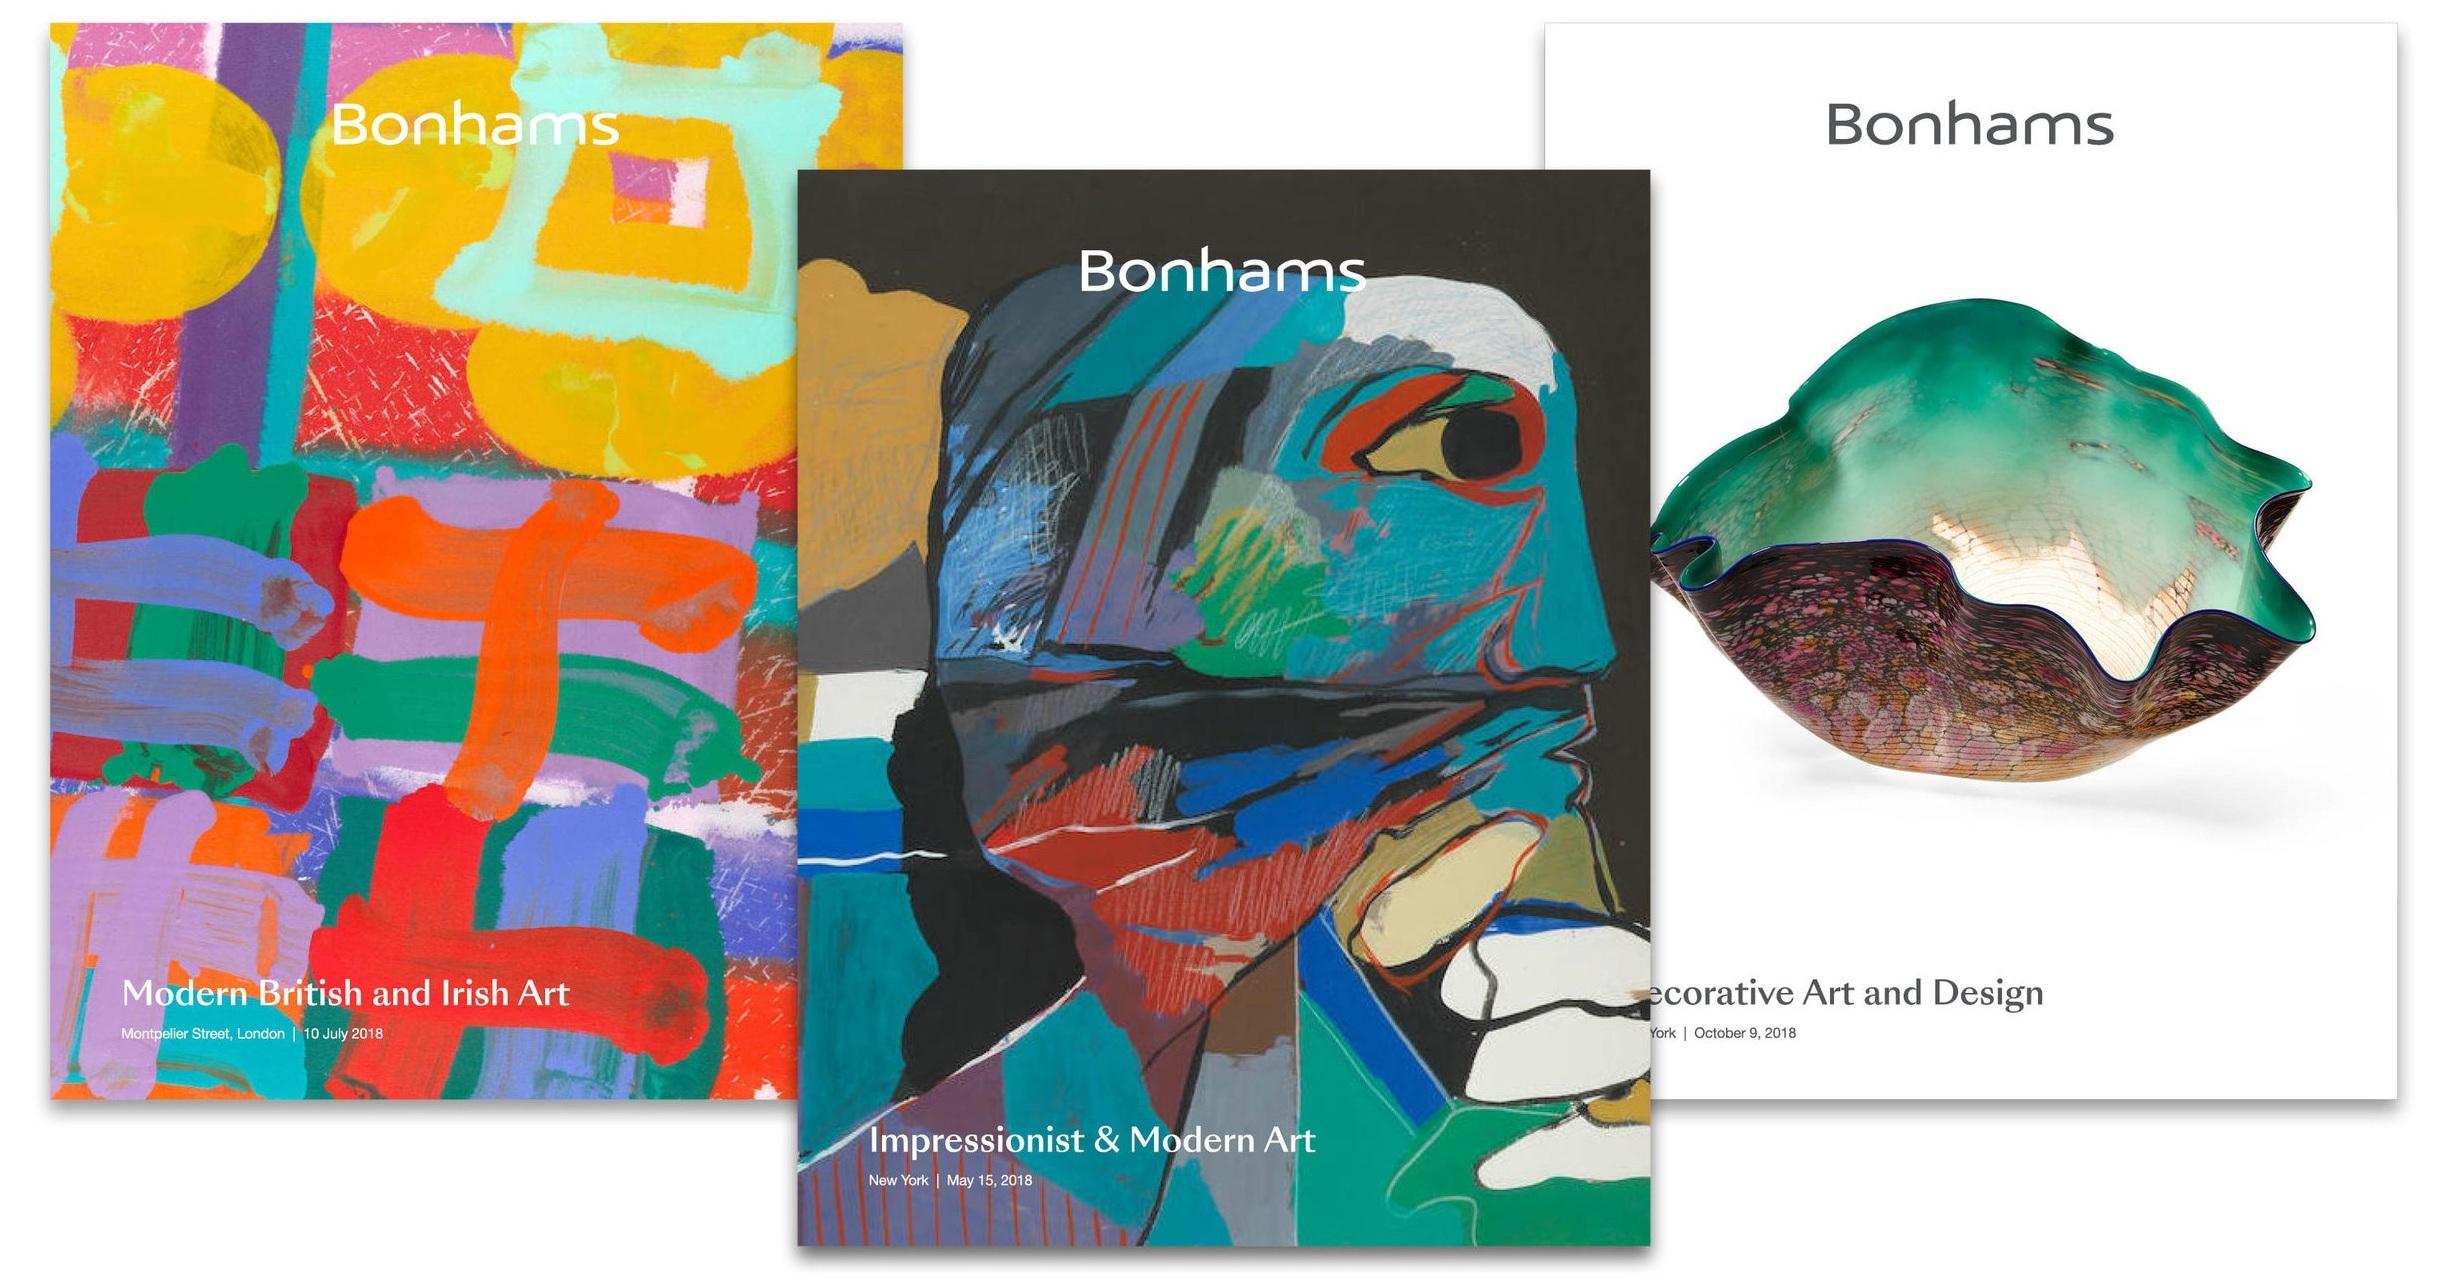 CS_bonhams-catalogue.jpg